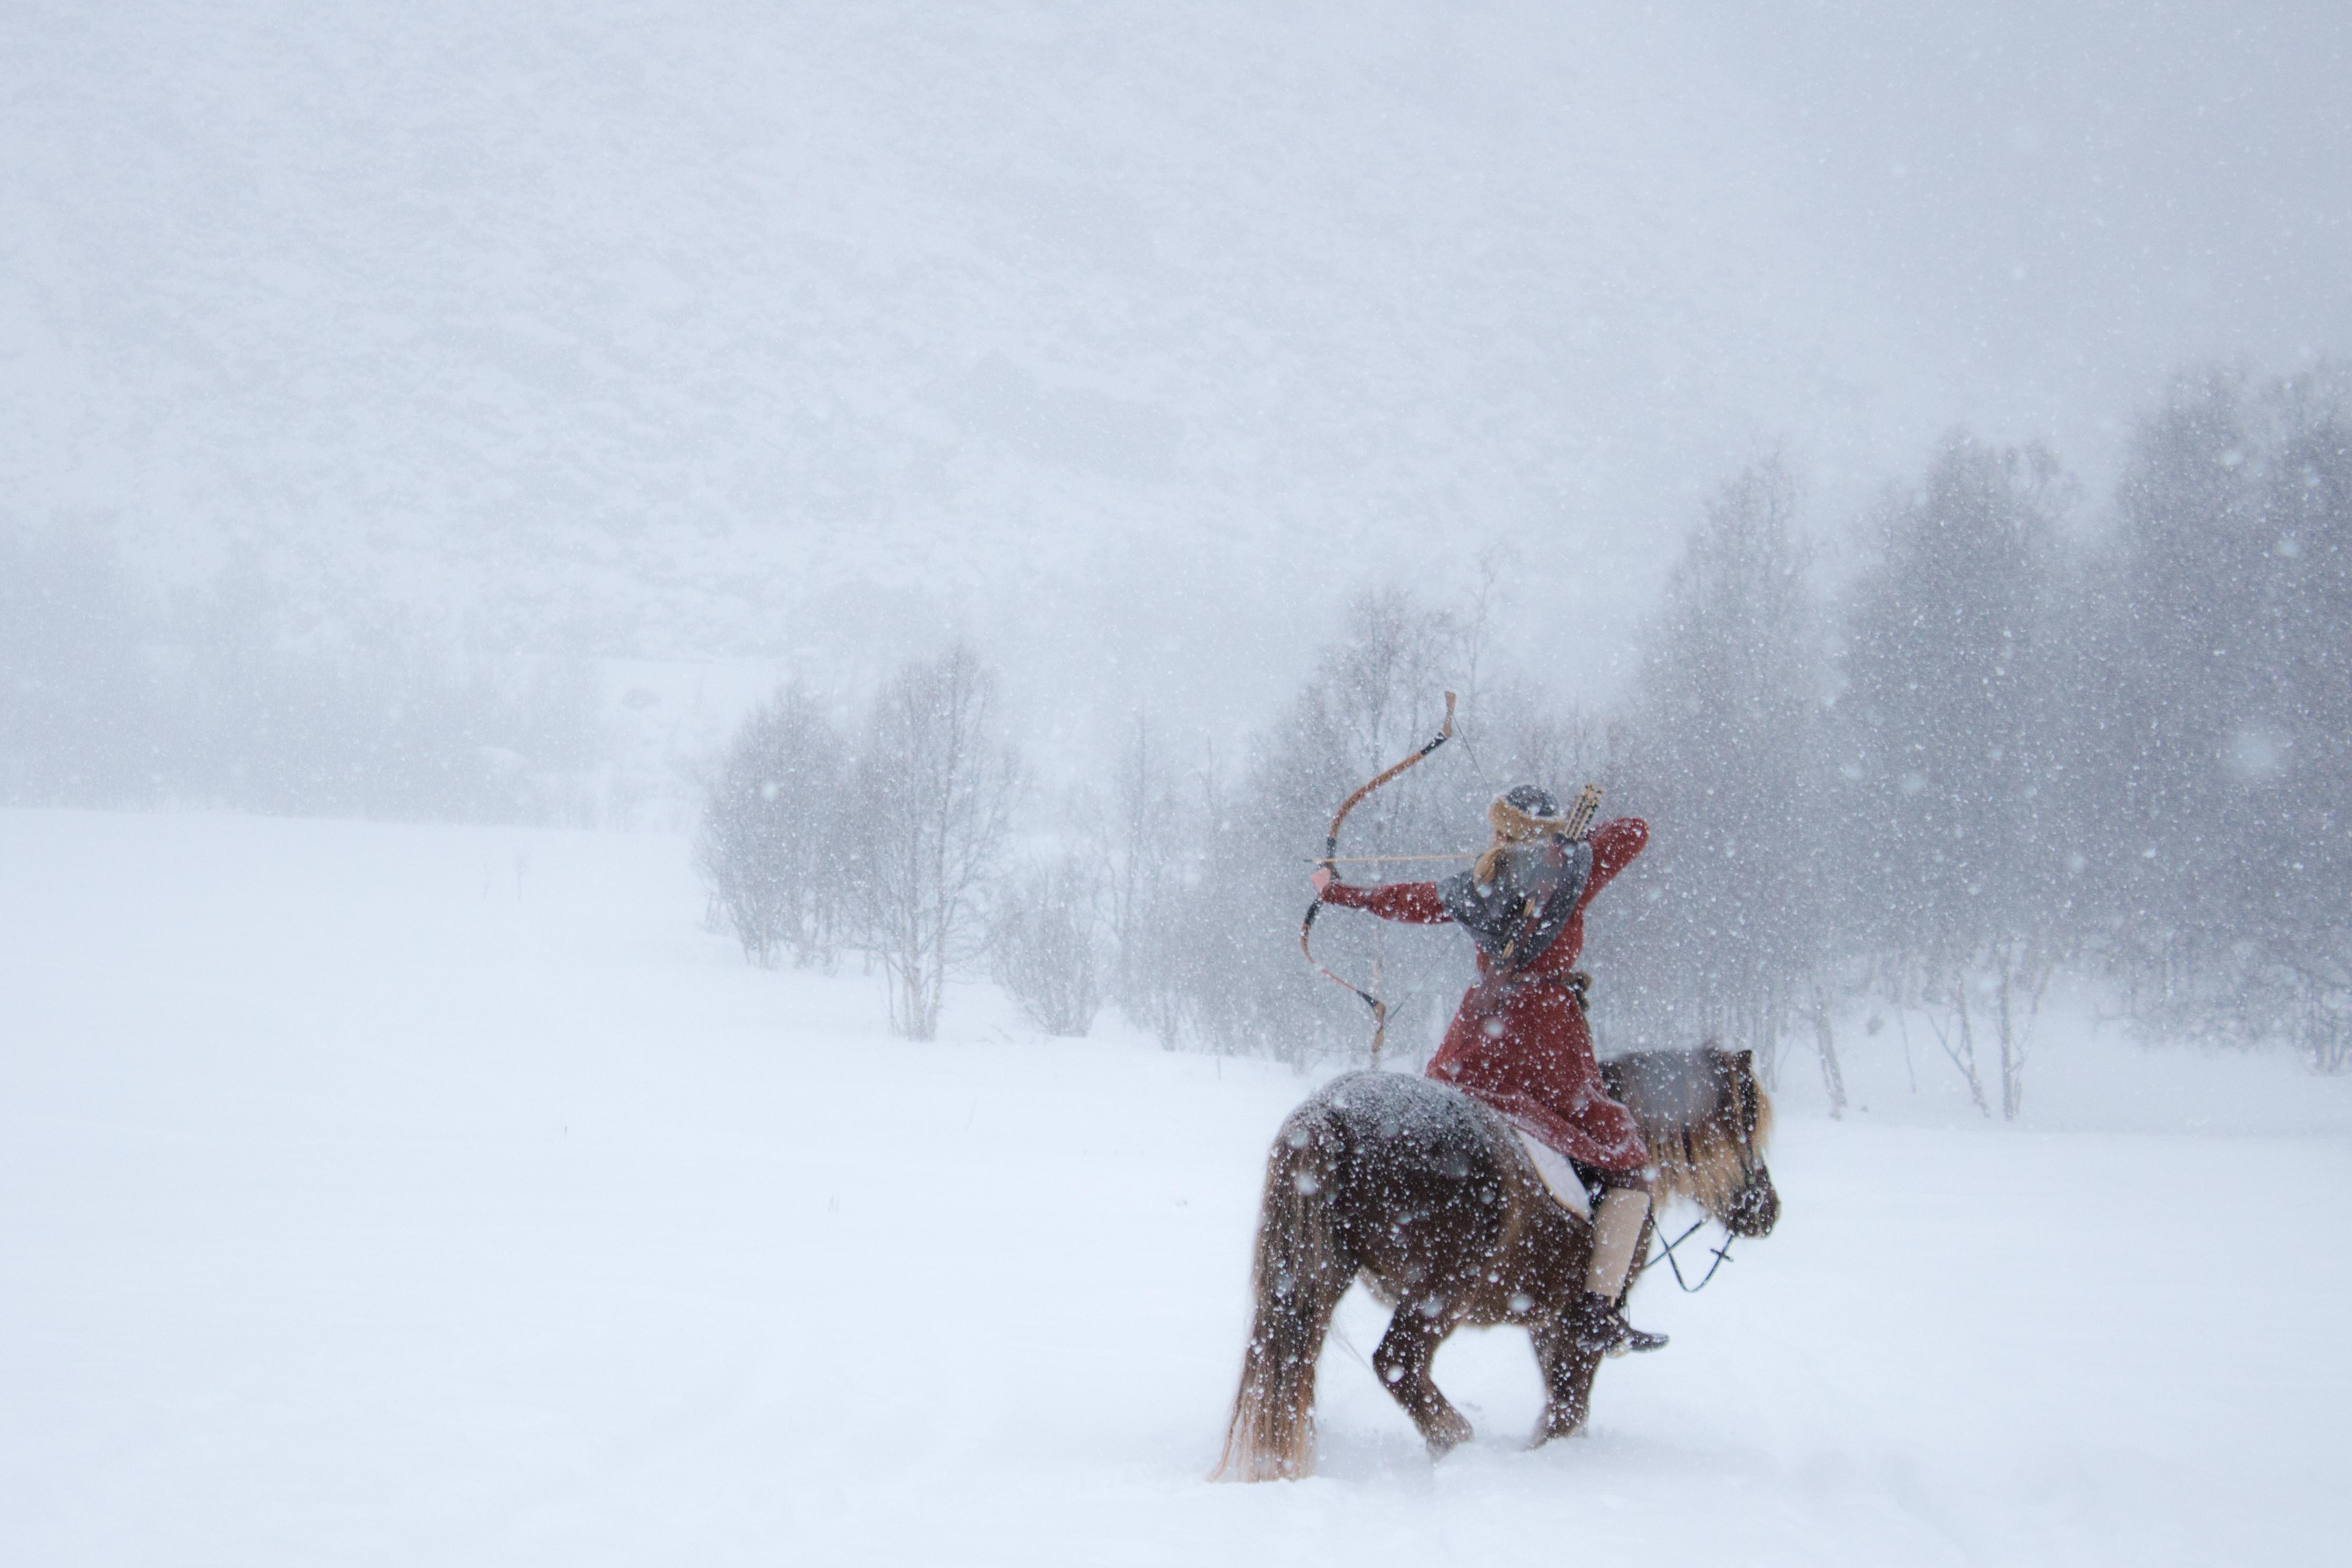 LYNGHESTEN SILVER: – Jeg er ingen rytter, men har alltid vært fascinert av hester. Lyngshesten er en av de tre norske hesterasene, og siden min mor er fra Lyngen, Troms, er det bare naturlig at jeg velger en av disse hestene når jeg først skal opp i sadelen. Det sies også at Lyngshesten stammer fra Steppe-hestene brukt av Genghis Khan og mongolene, og at det var de som brakte rasen nordover for tusen år siden. Foto: Merethe Samuelsen